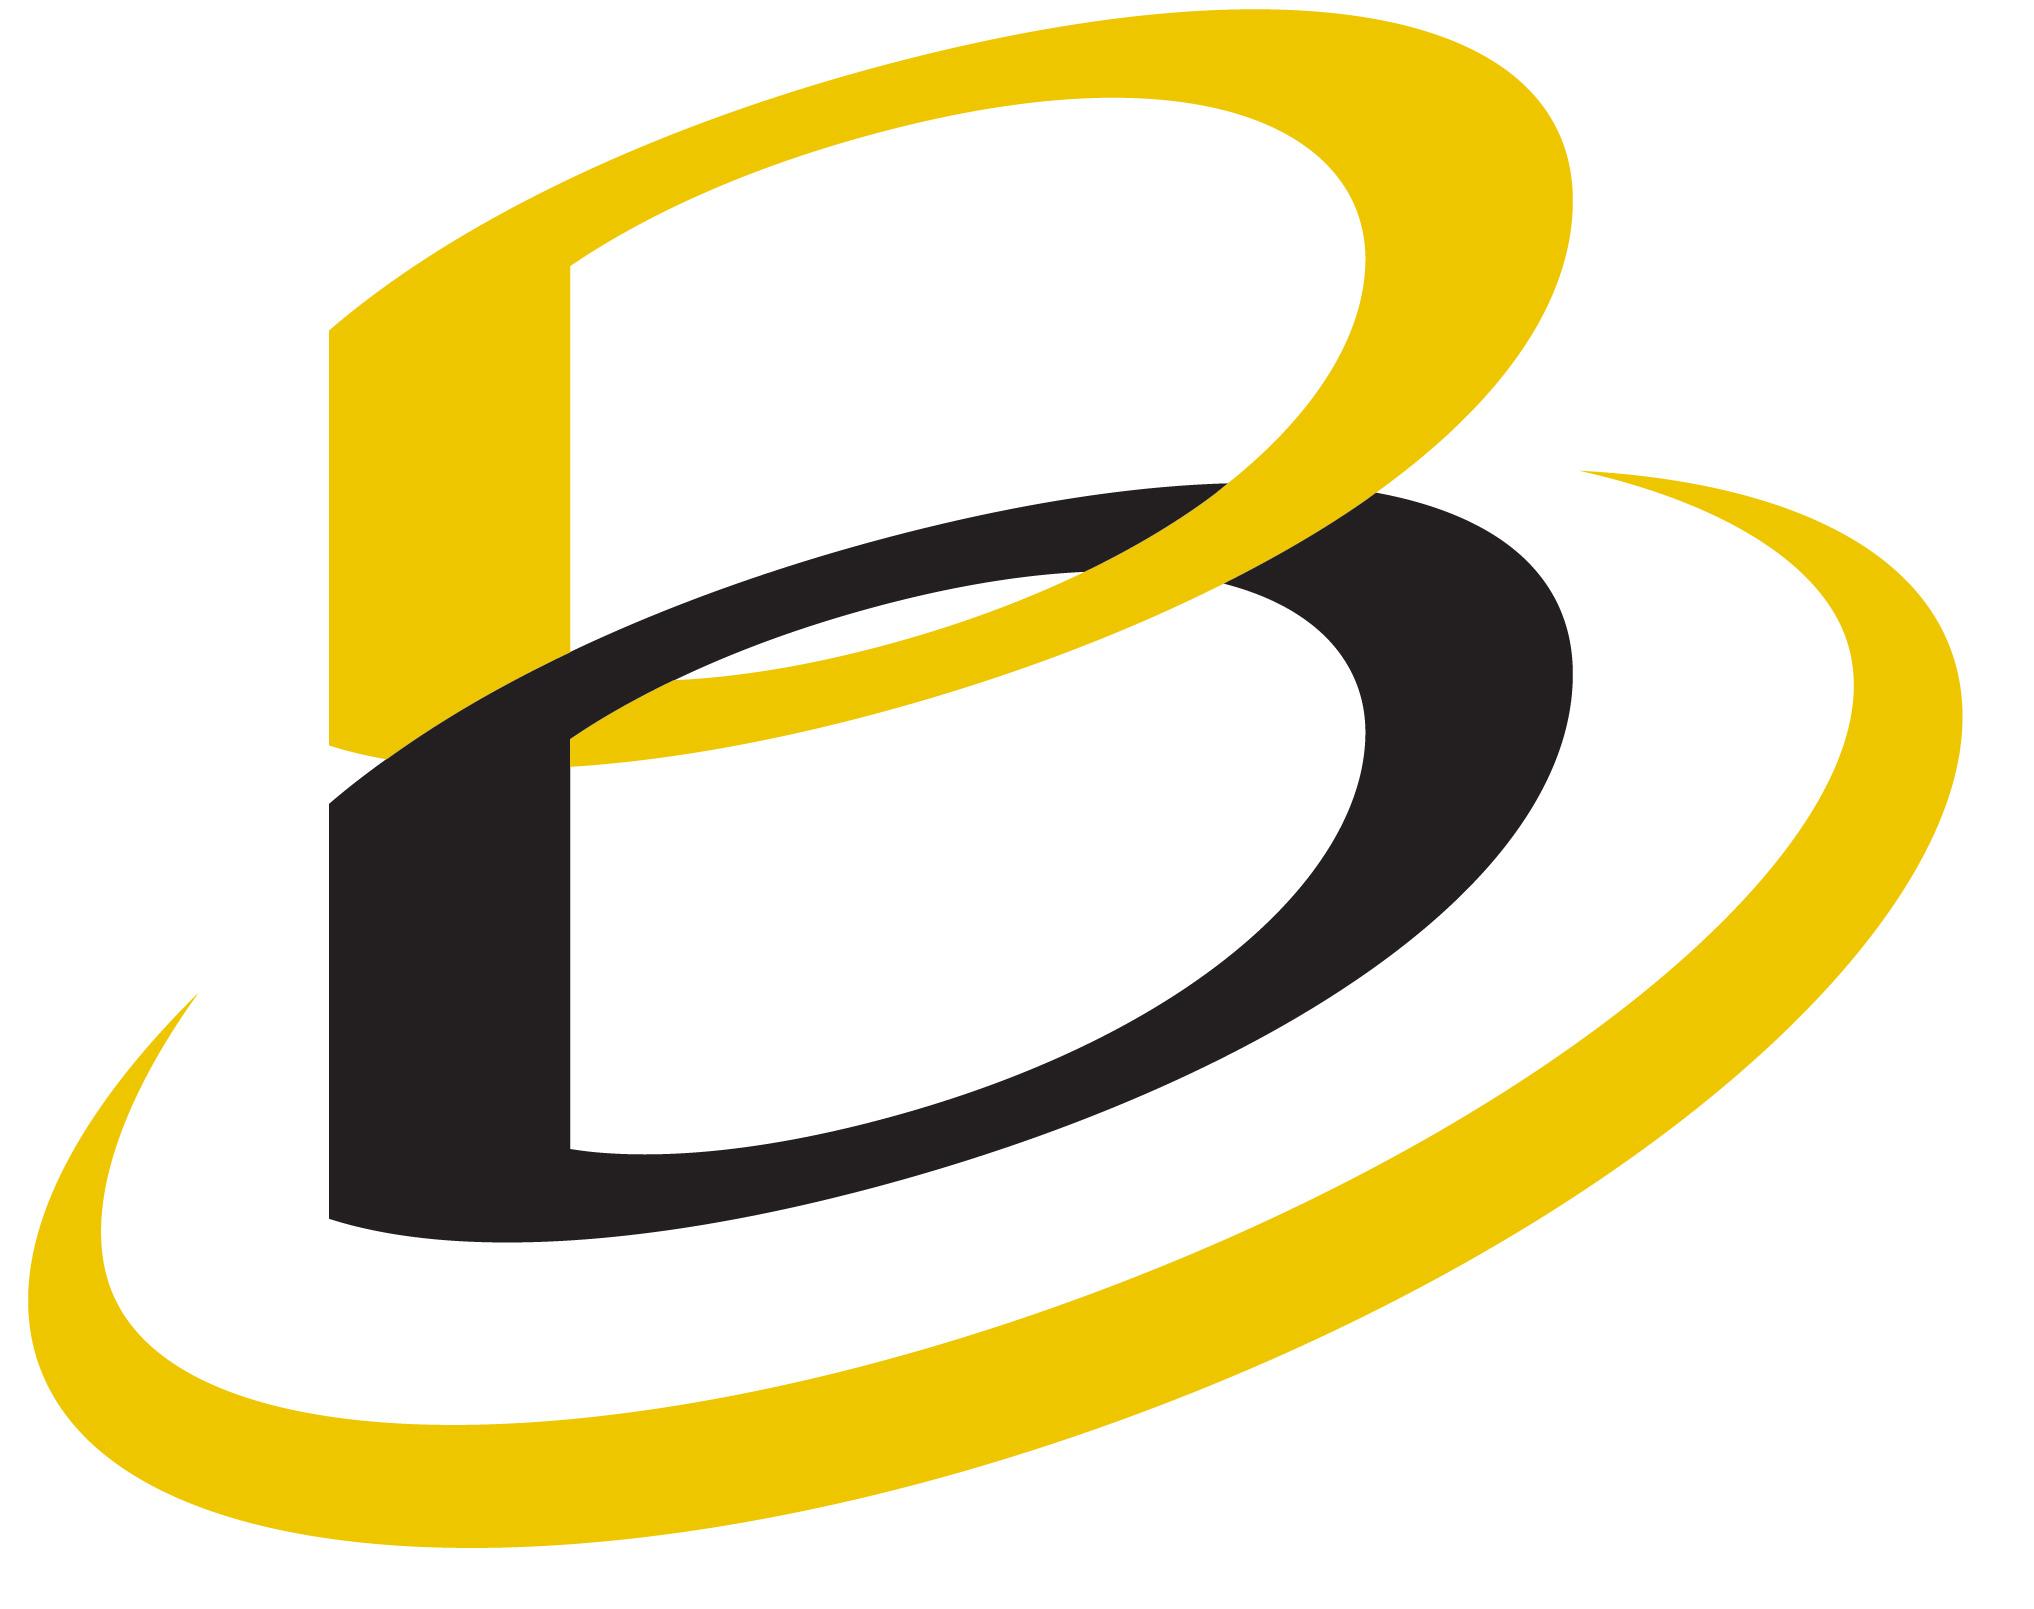 b logos